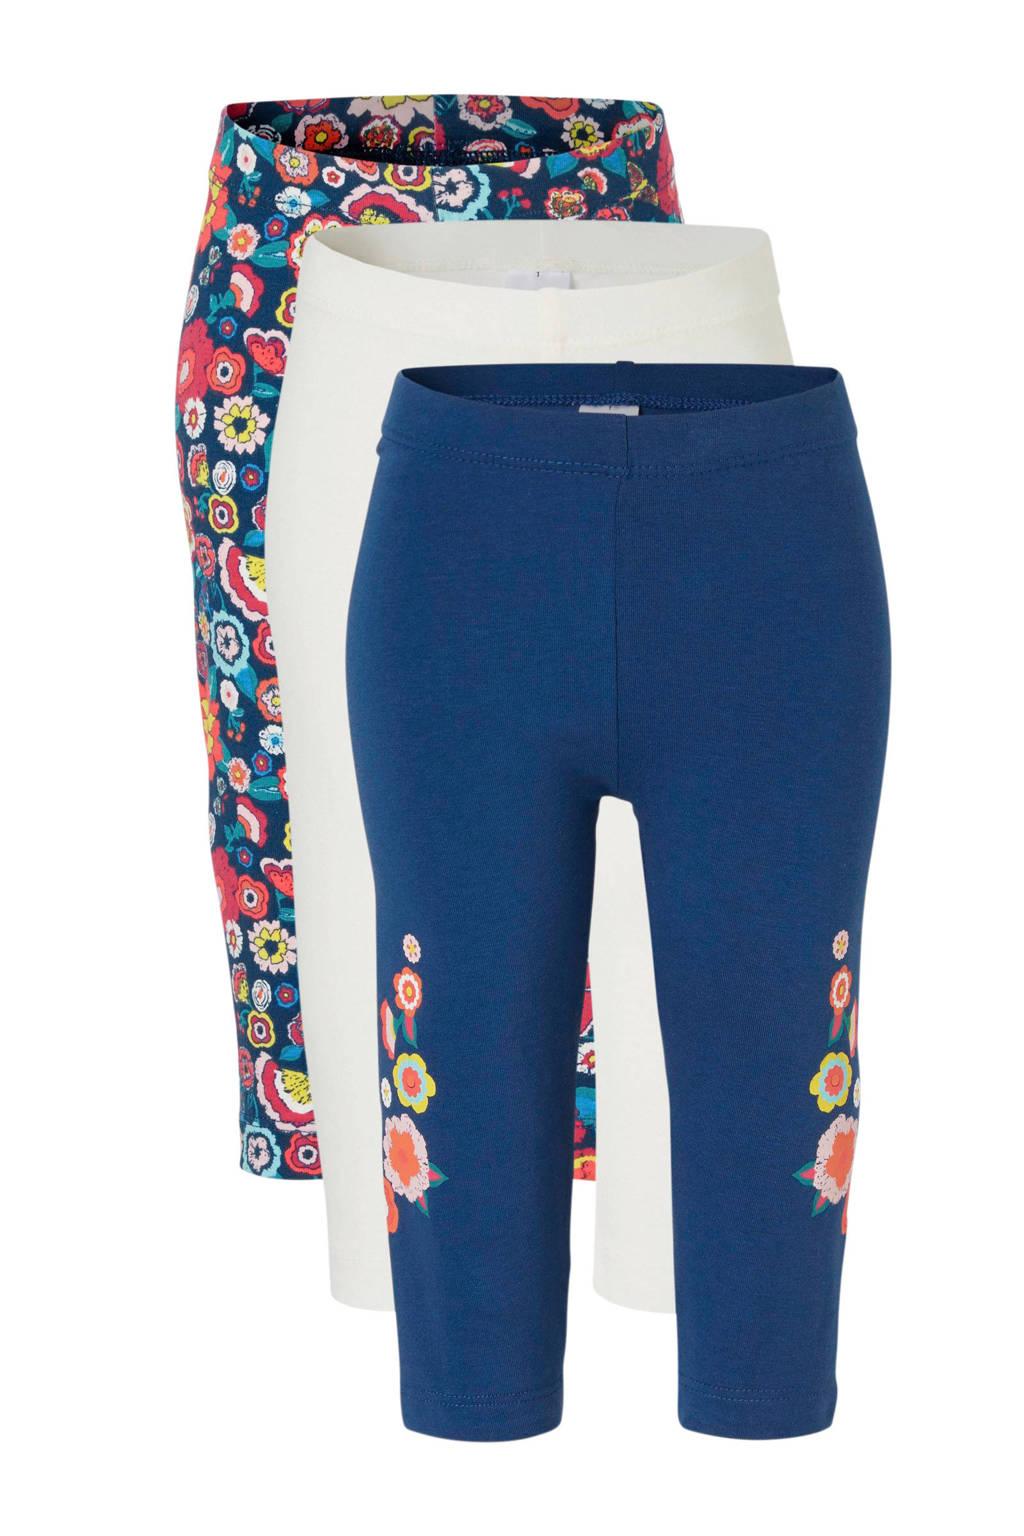 C&A Palomino gebloemde legging - set van 3, Donkerblauw/wit